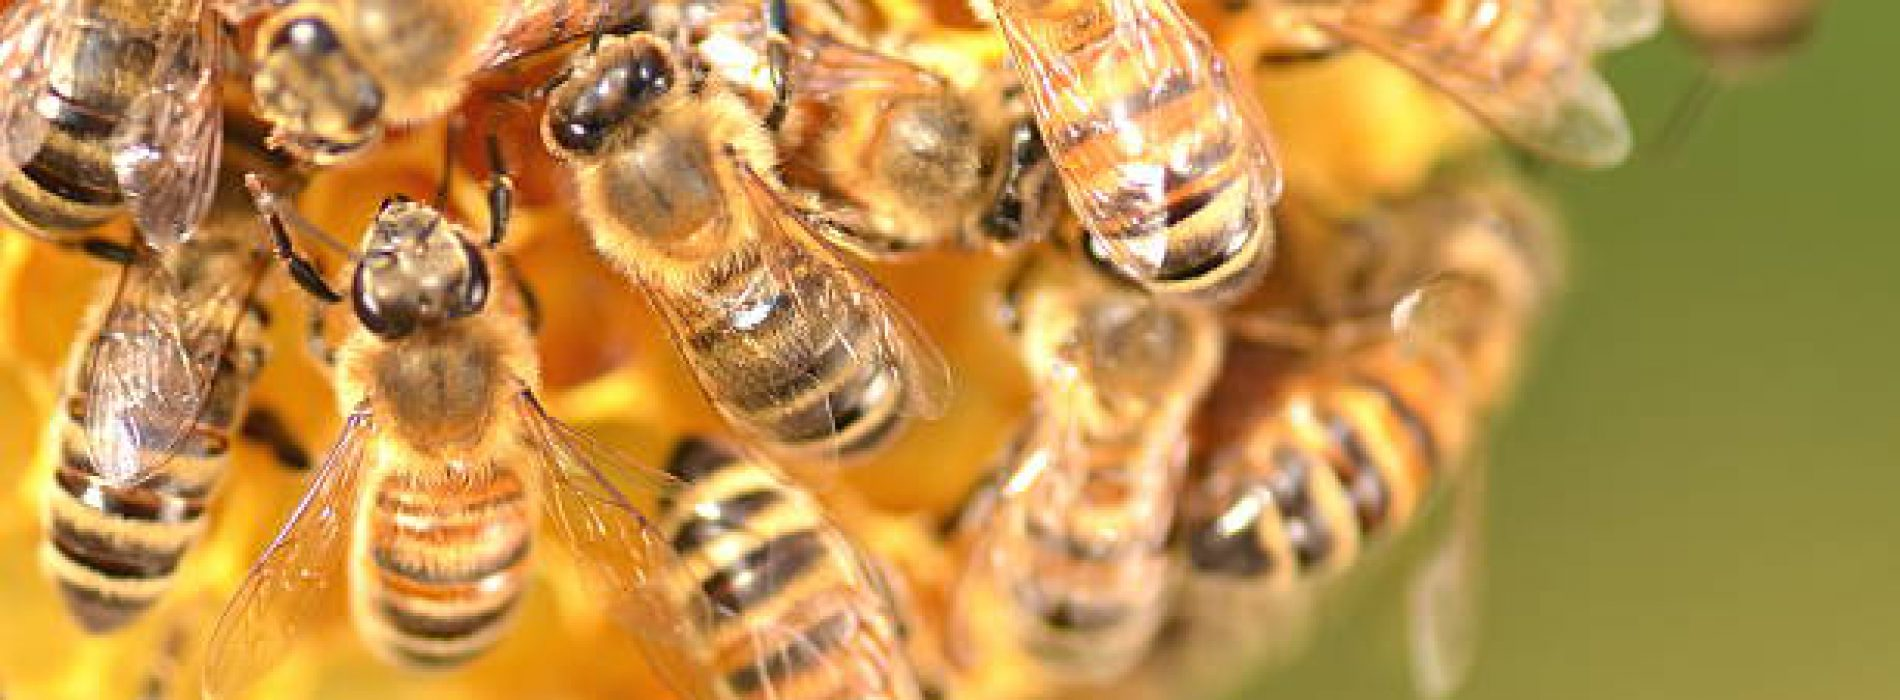 Maluchy w obronie pszczół